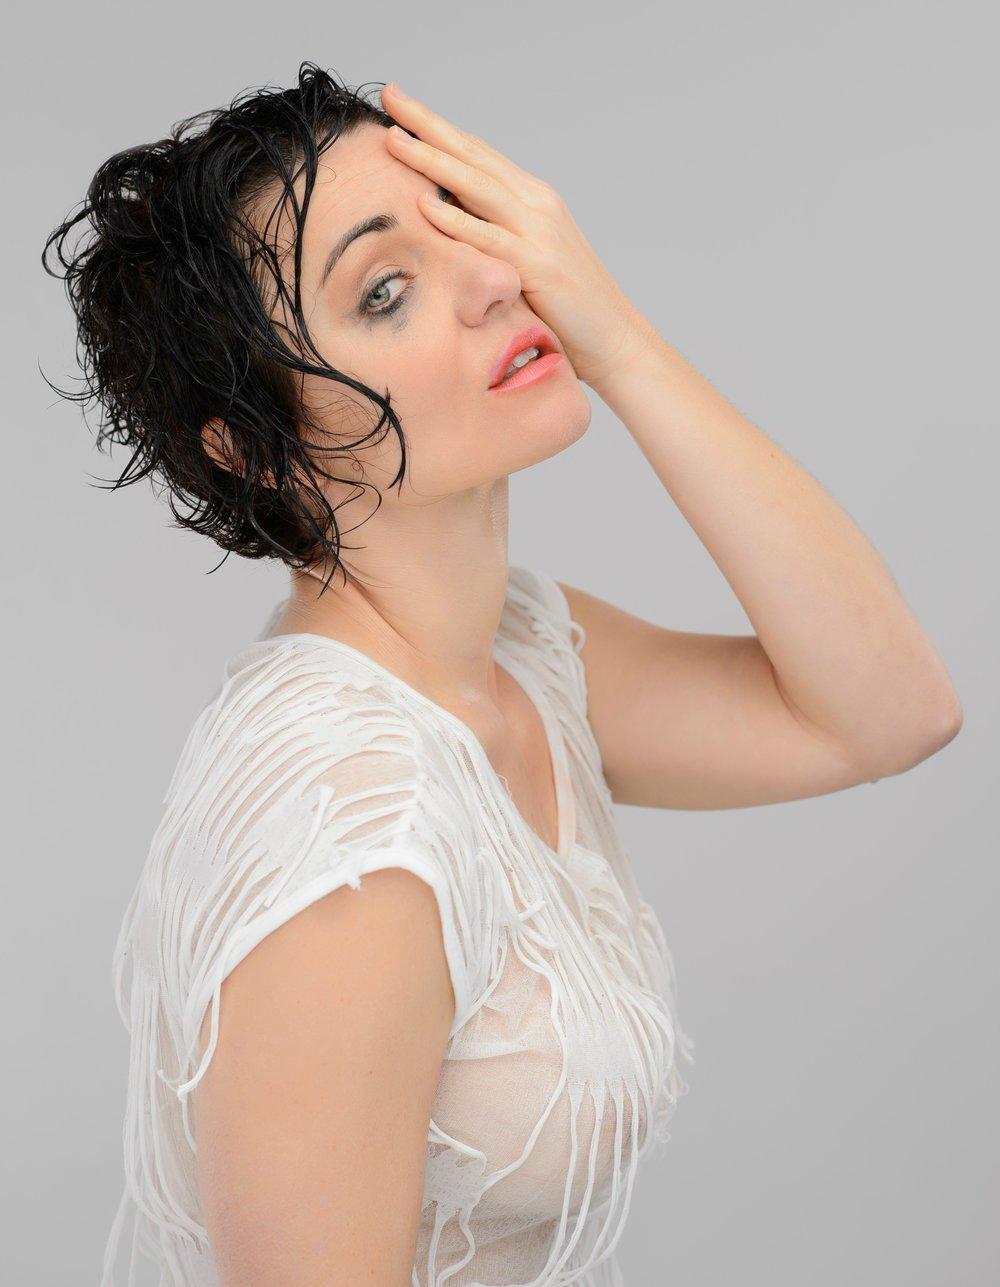 Shanna Forrestall - Shanna from Louisiana - photo by Aaron Hogan of EyeWander Photo